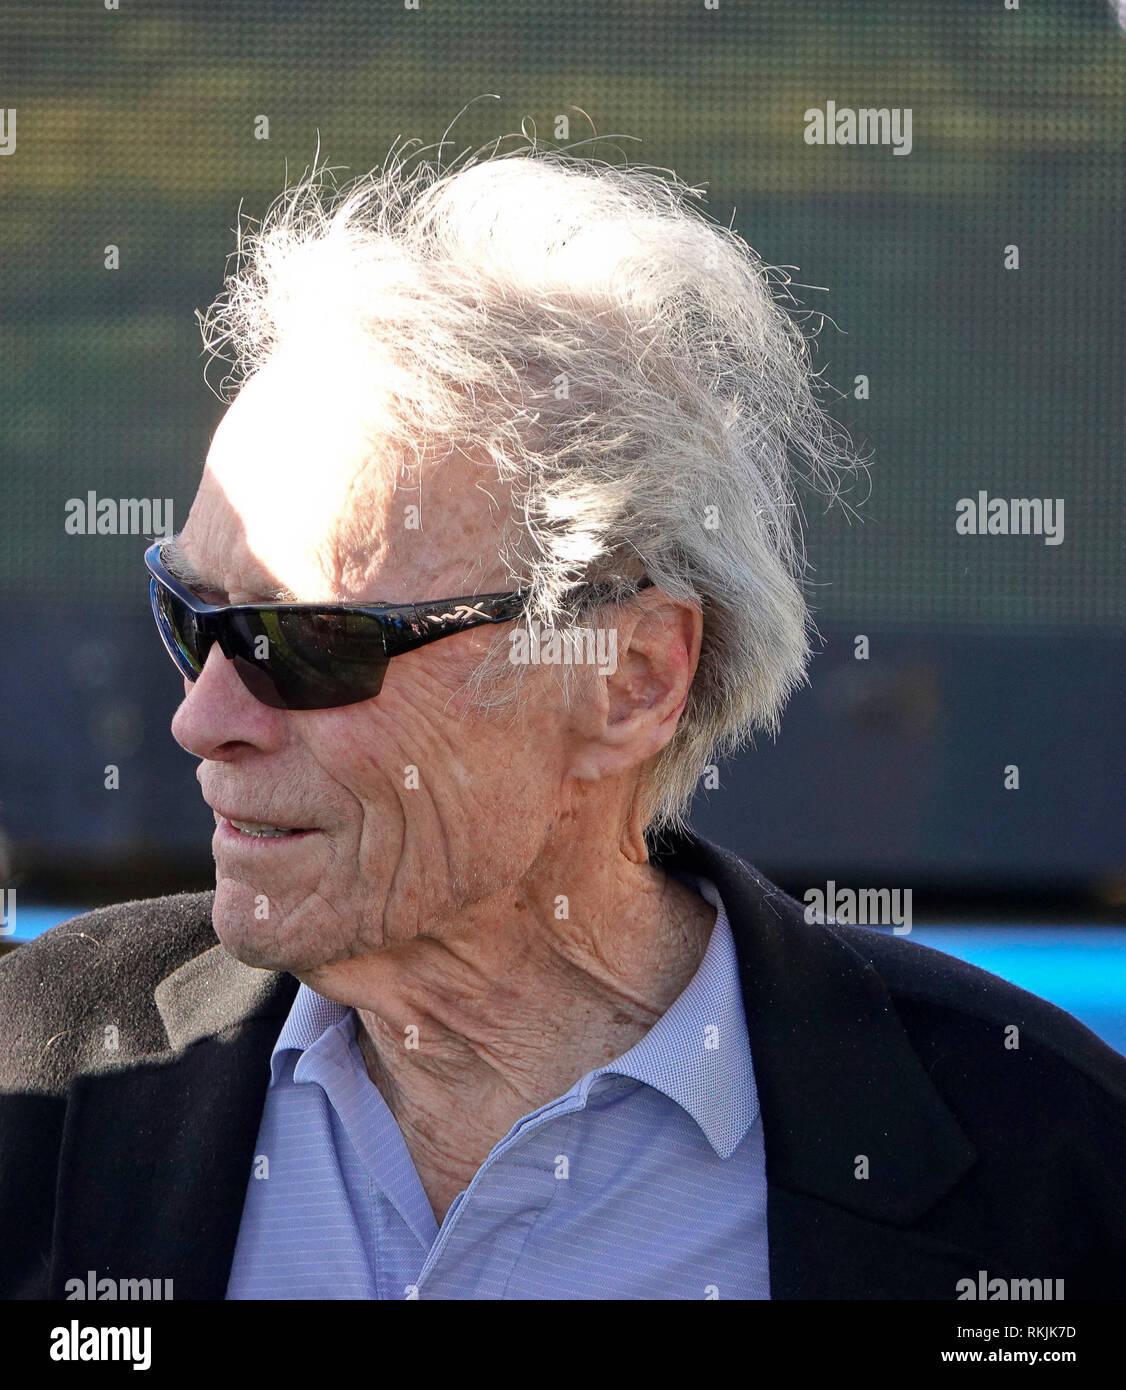 Clint Eastwood 2019